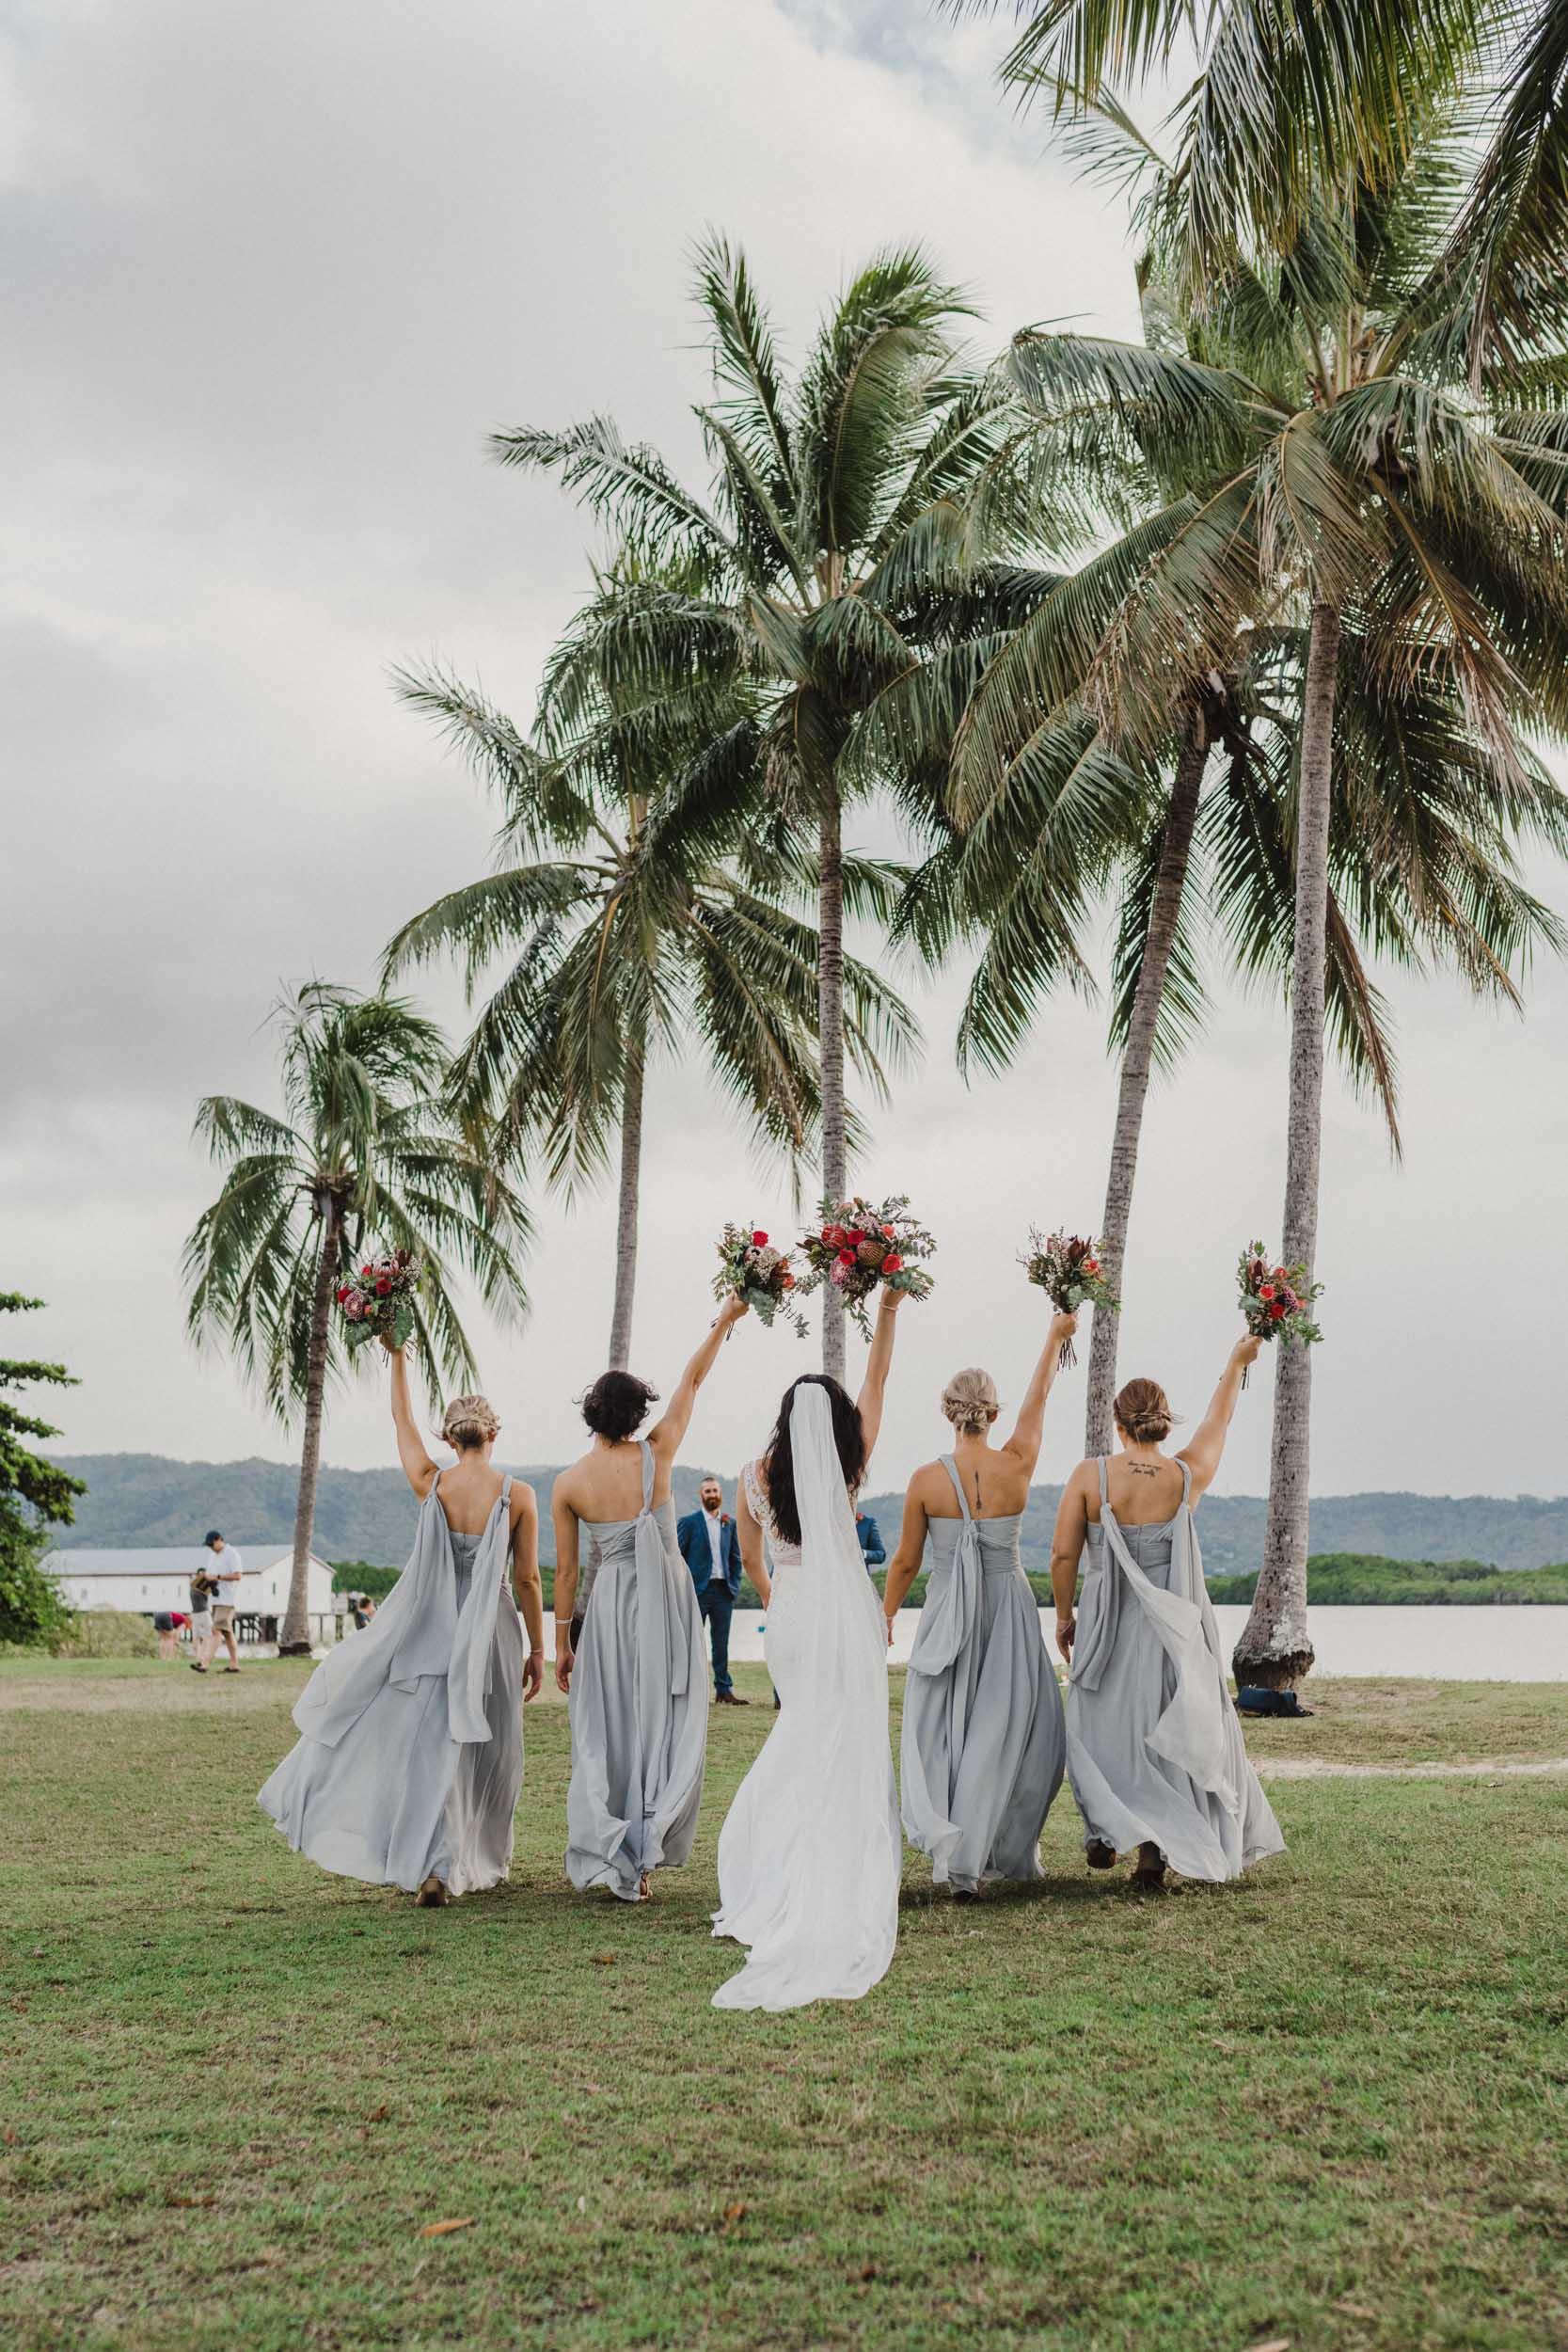 The Raw Photographer - Port Douglas Wedding Photographer - St Mary Church - Cairns Beach Photos-40.jpg